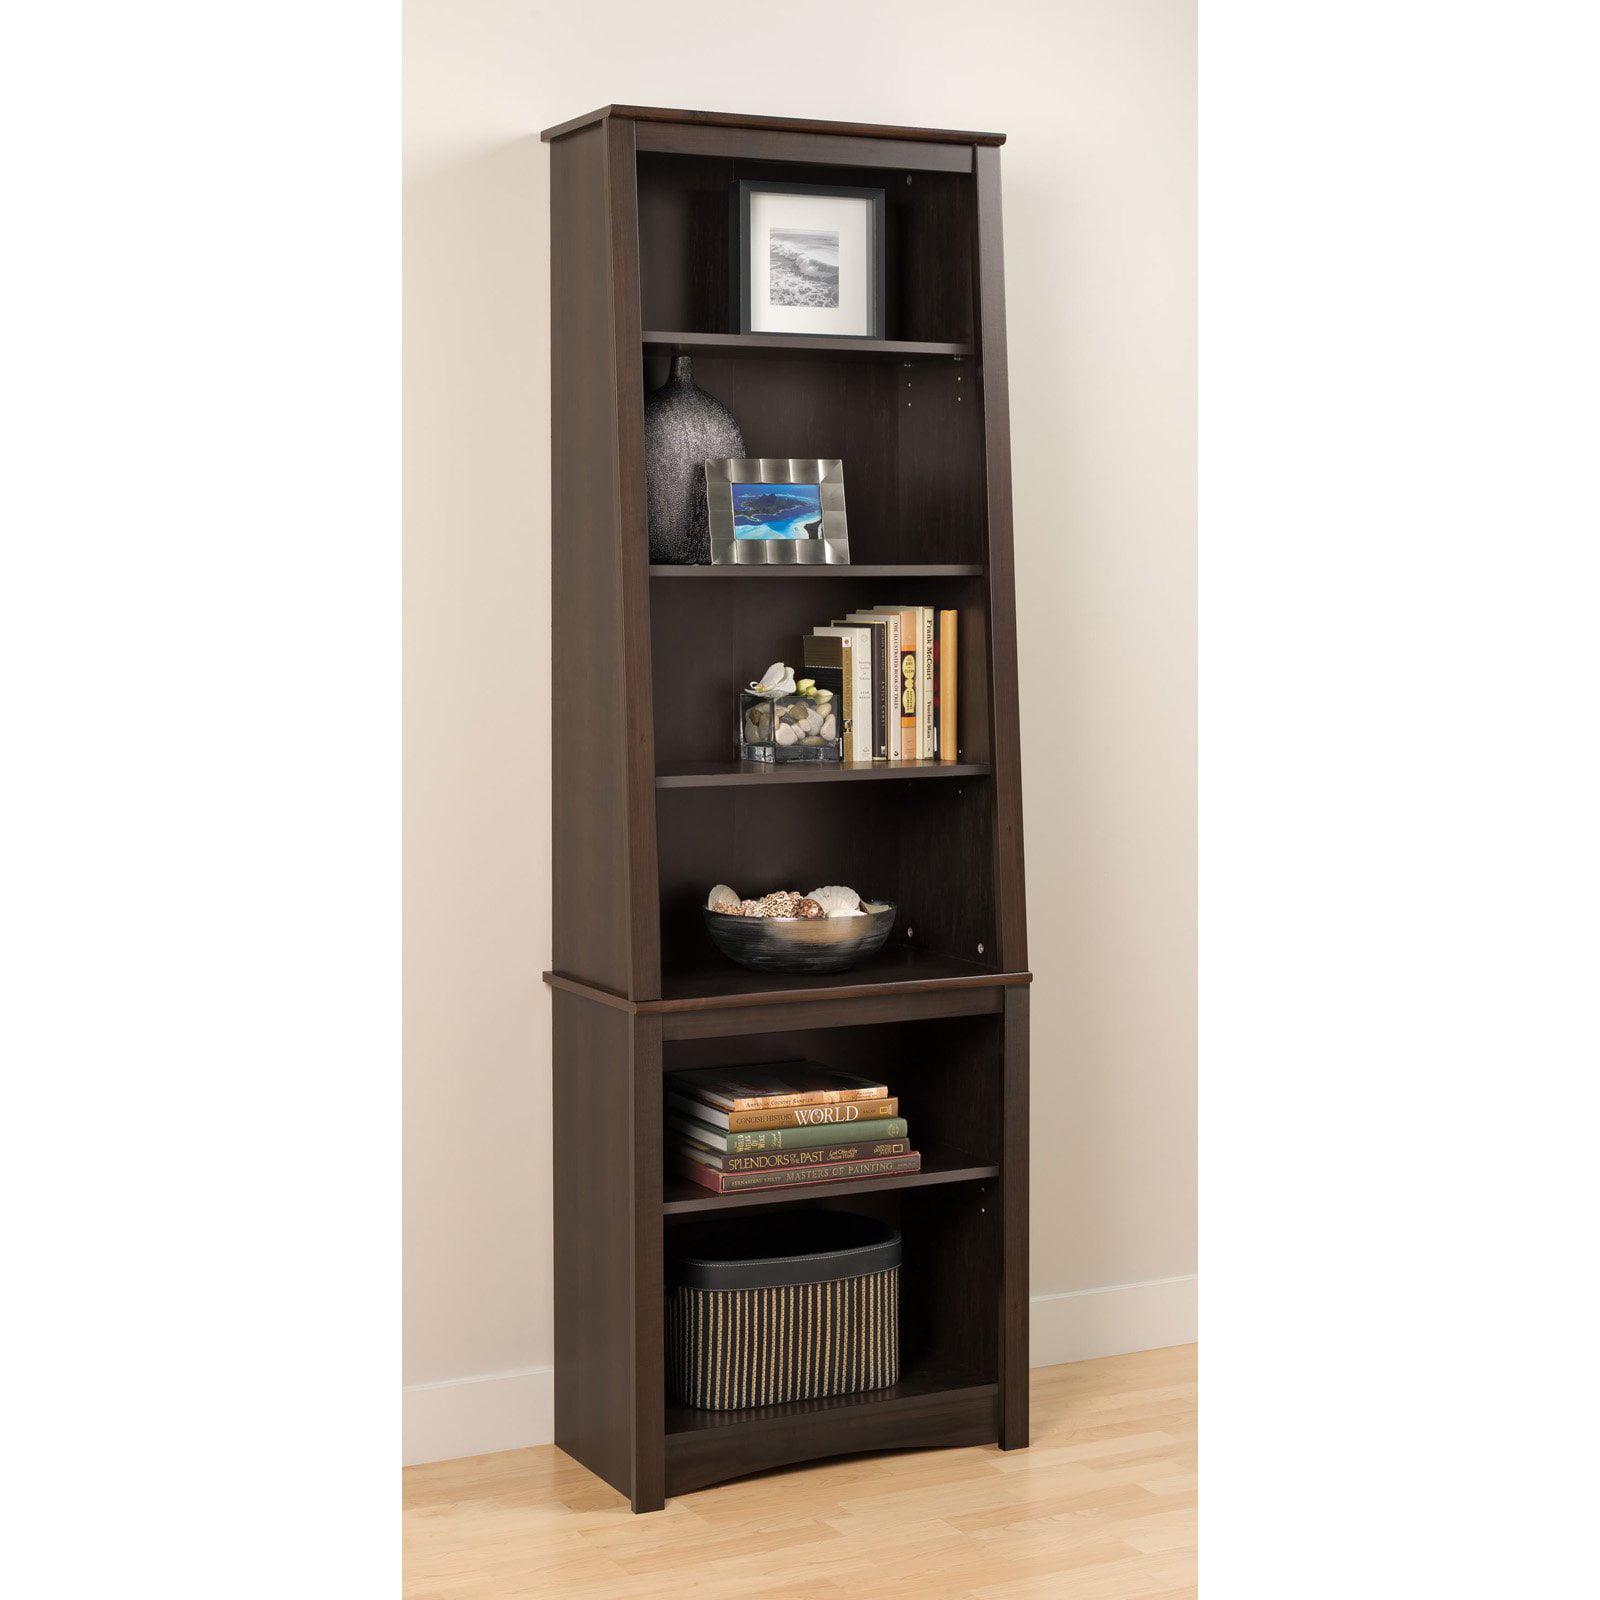 Prepac 6-Shelf Slant Back Bookcase, Espresso by Prepac Manufacturing Ltd